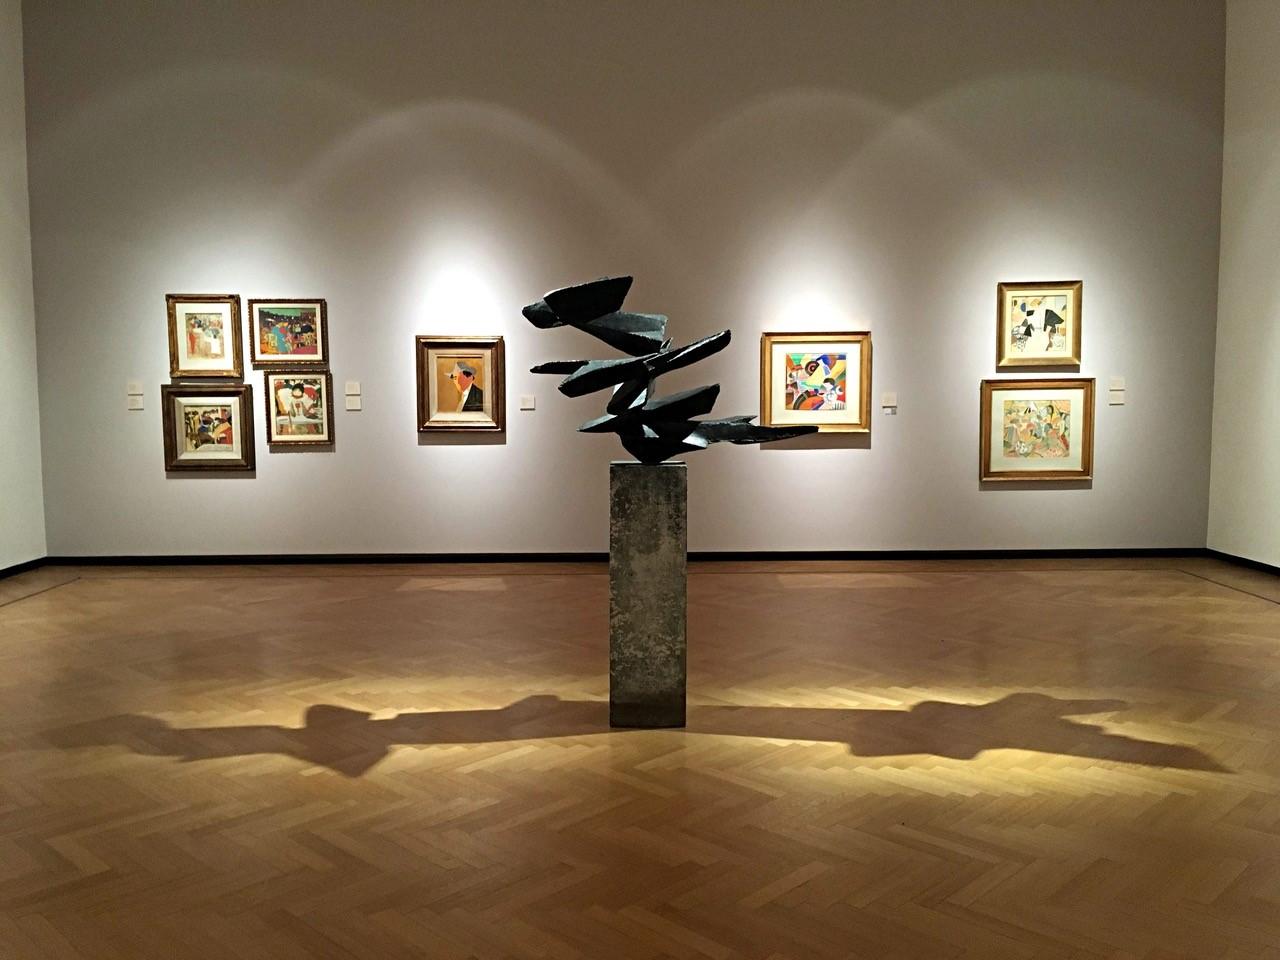 Cultura virtuale. Tour nei più importanti musei della città di Buenos Aires, un'offerta di altissima qualità